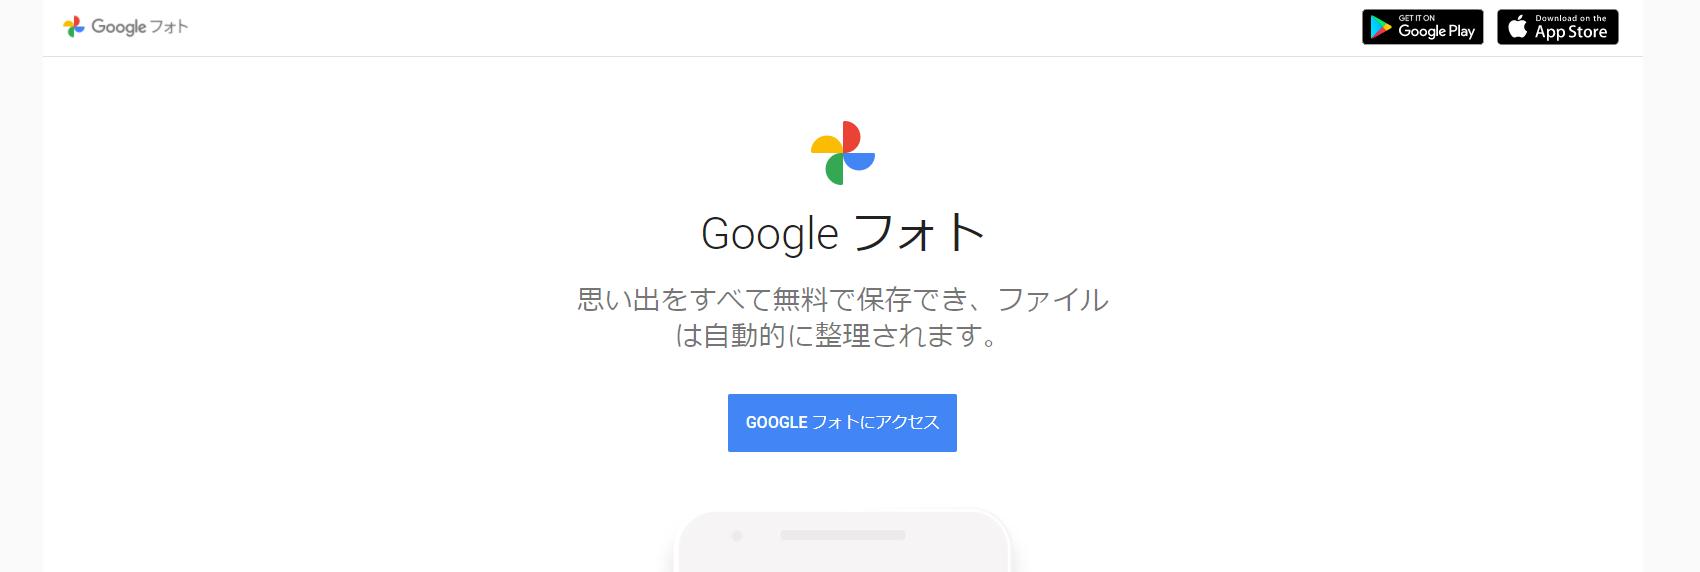 確認 容量 google フォト